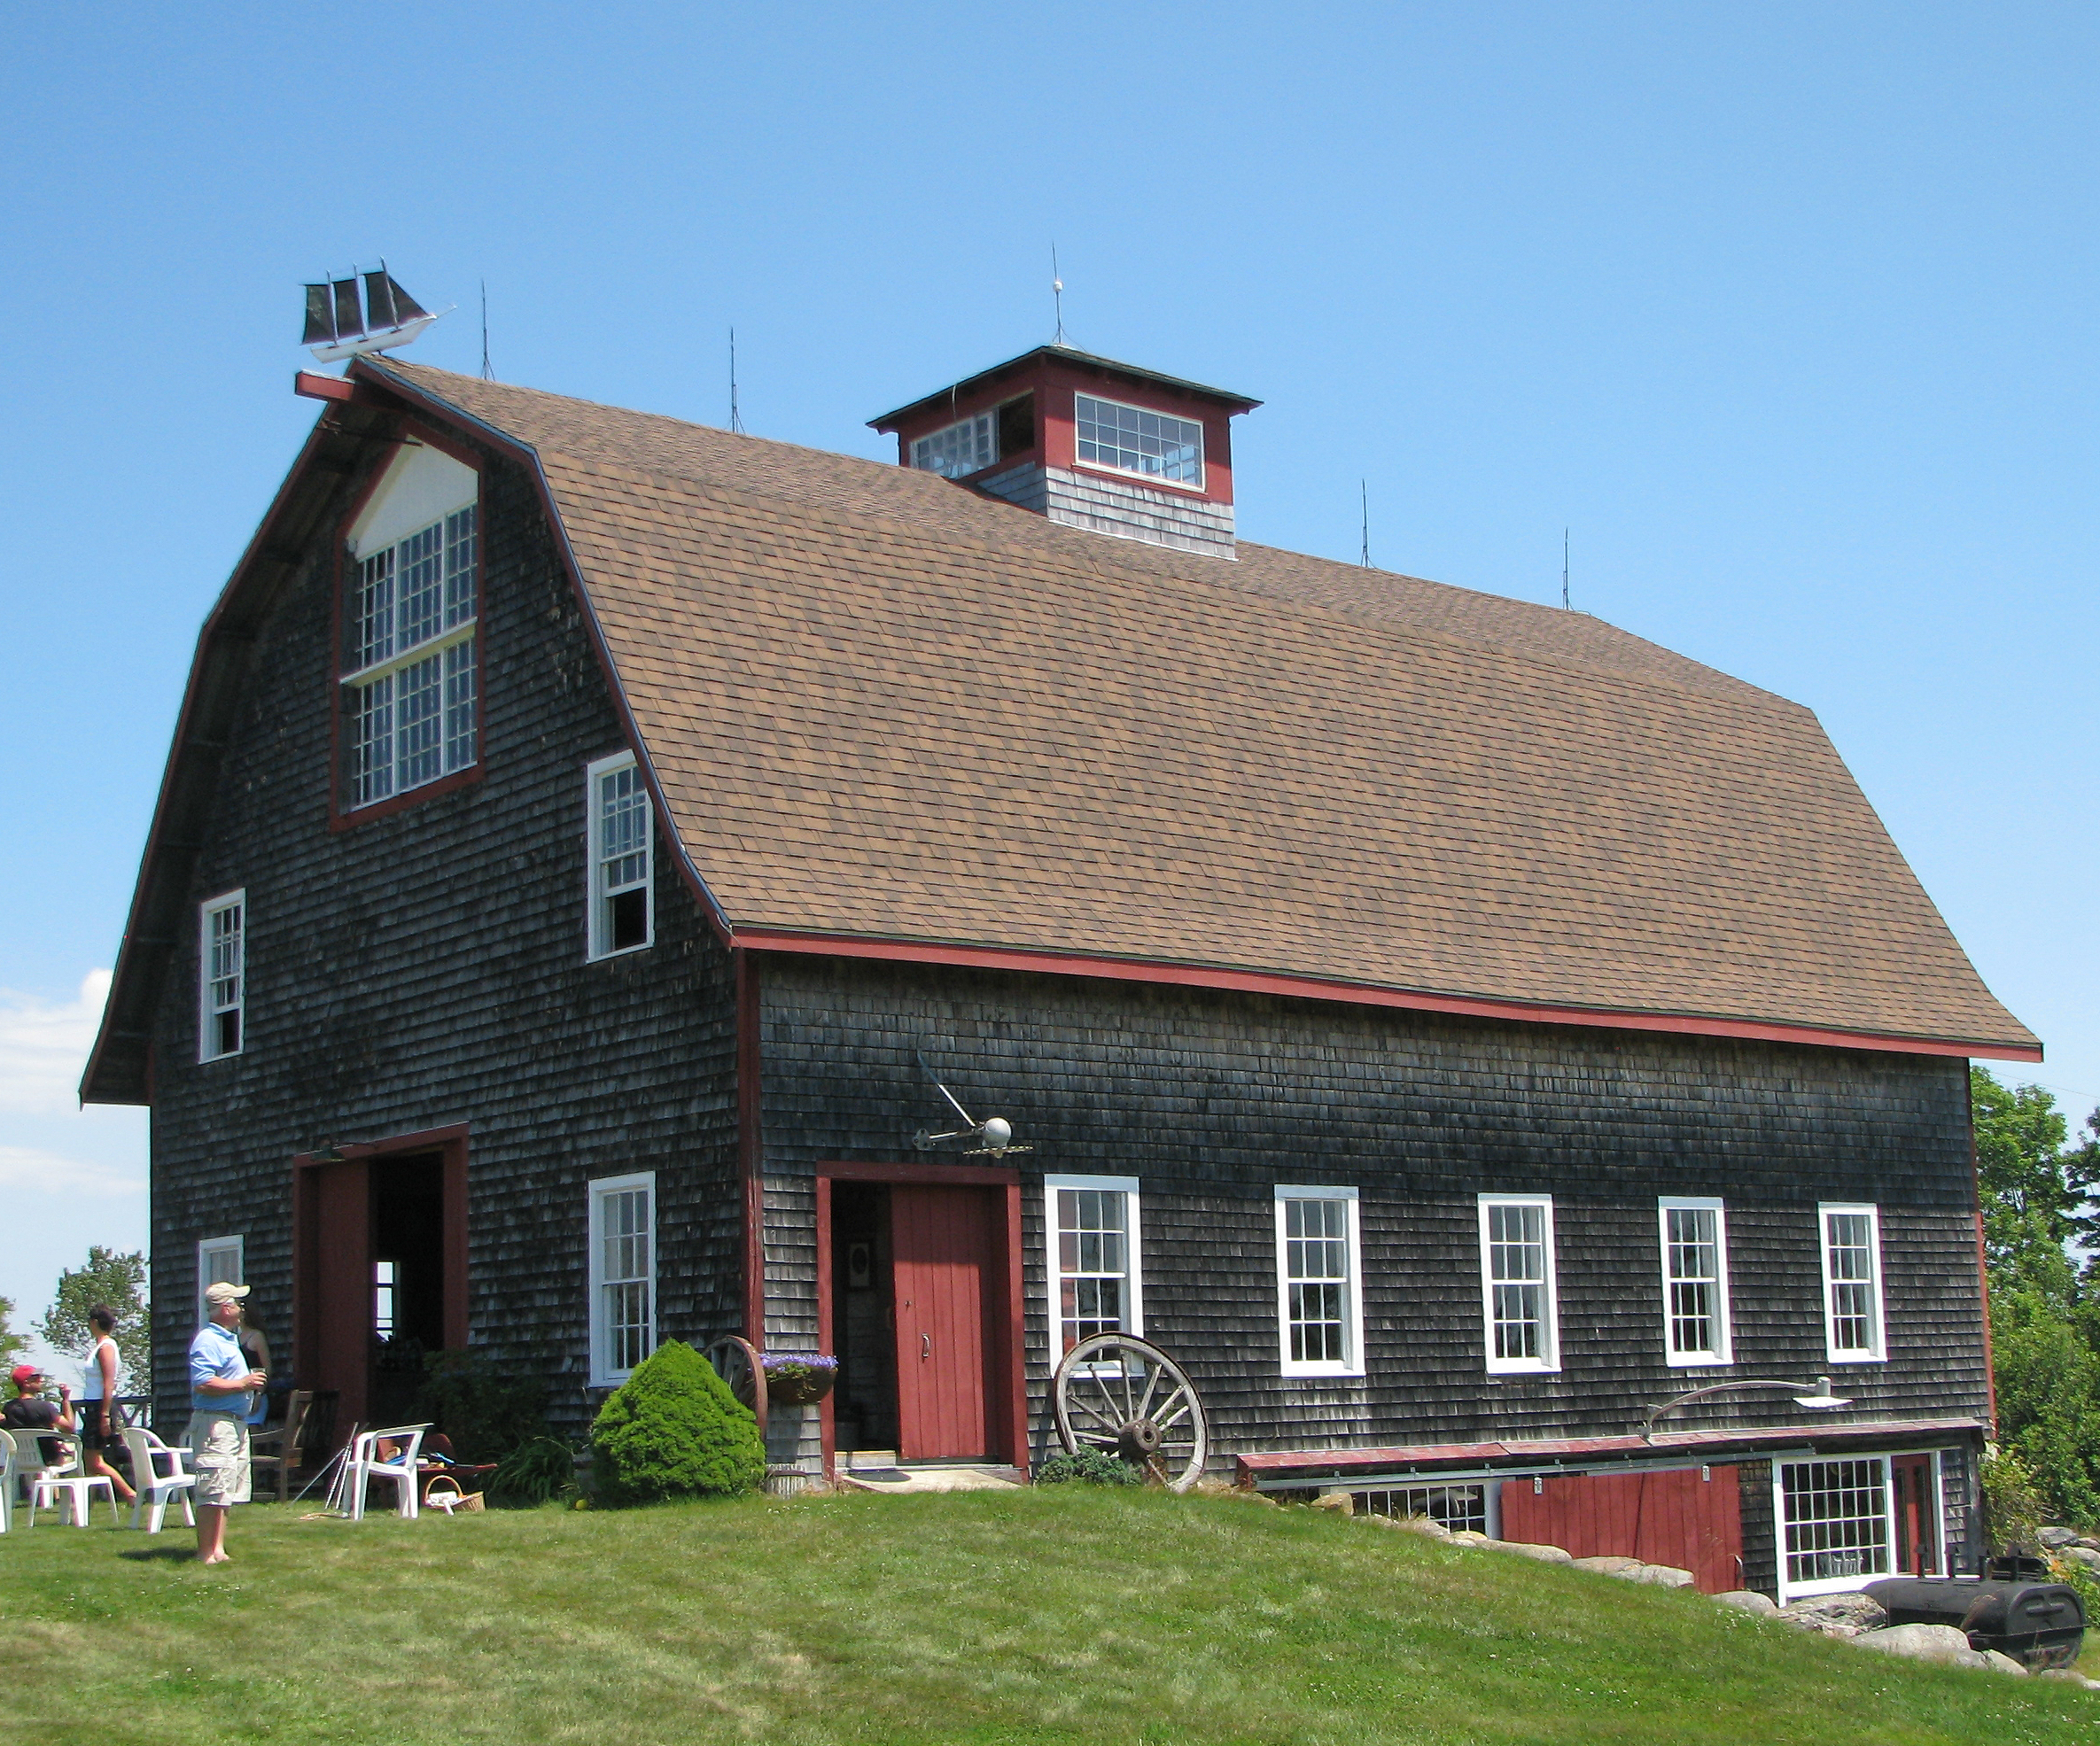 Barn wedding venues ma affordable barn wedding venues in for Affordable barns